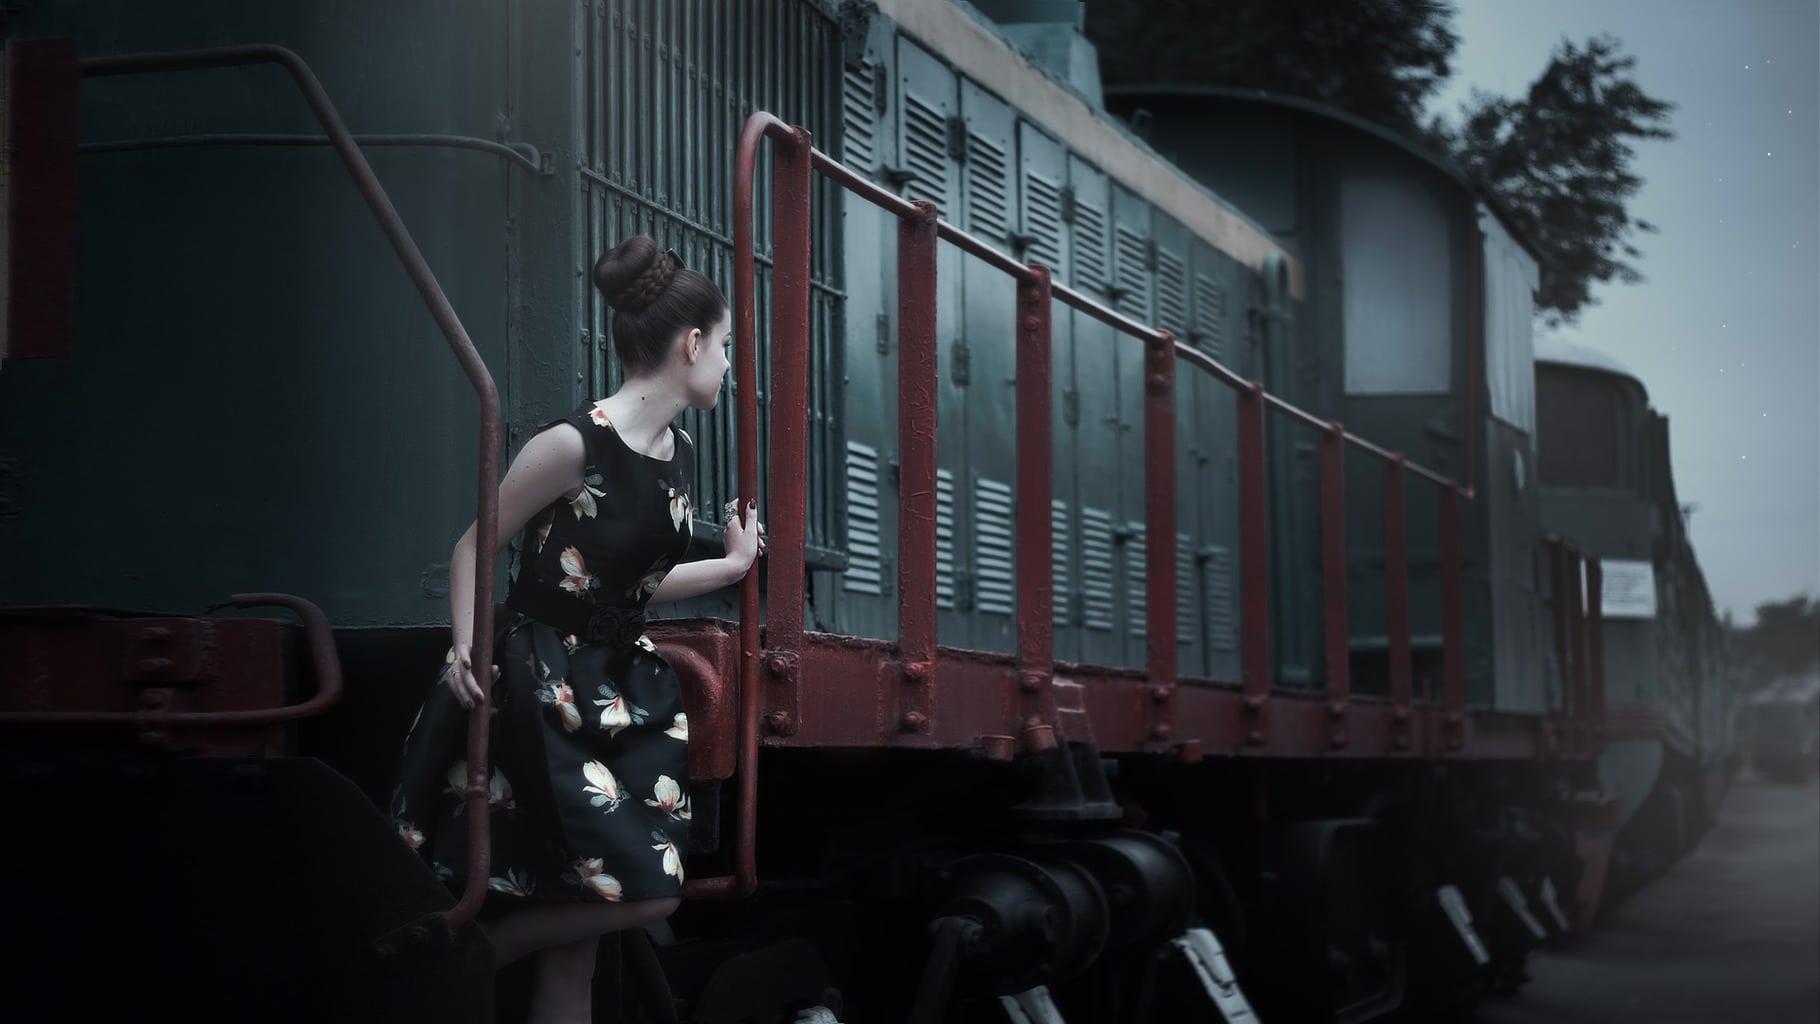 Estaciones y vías de tren